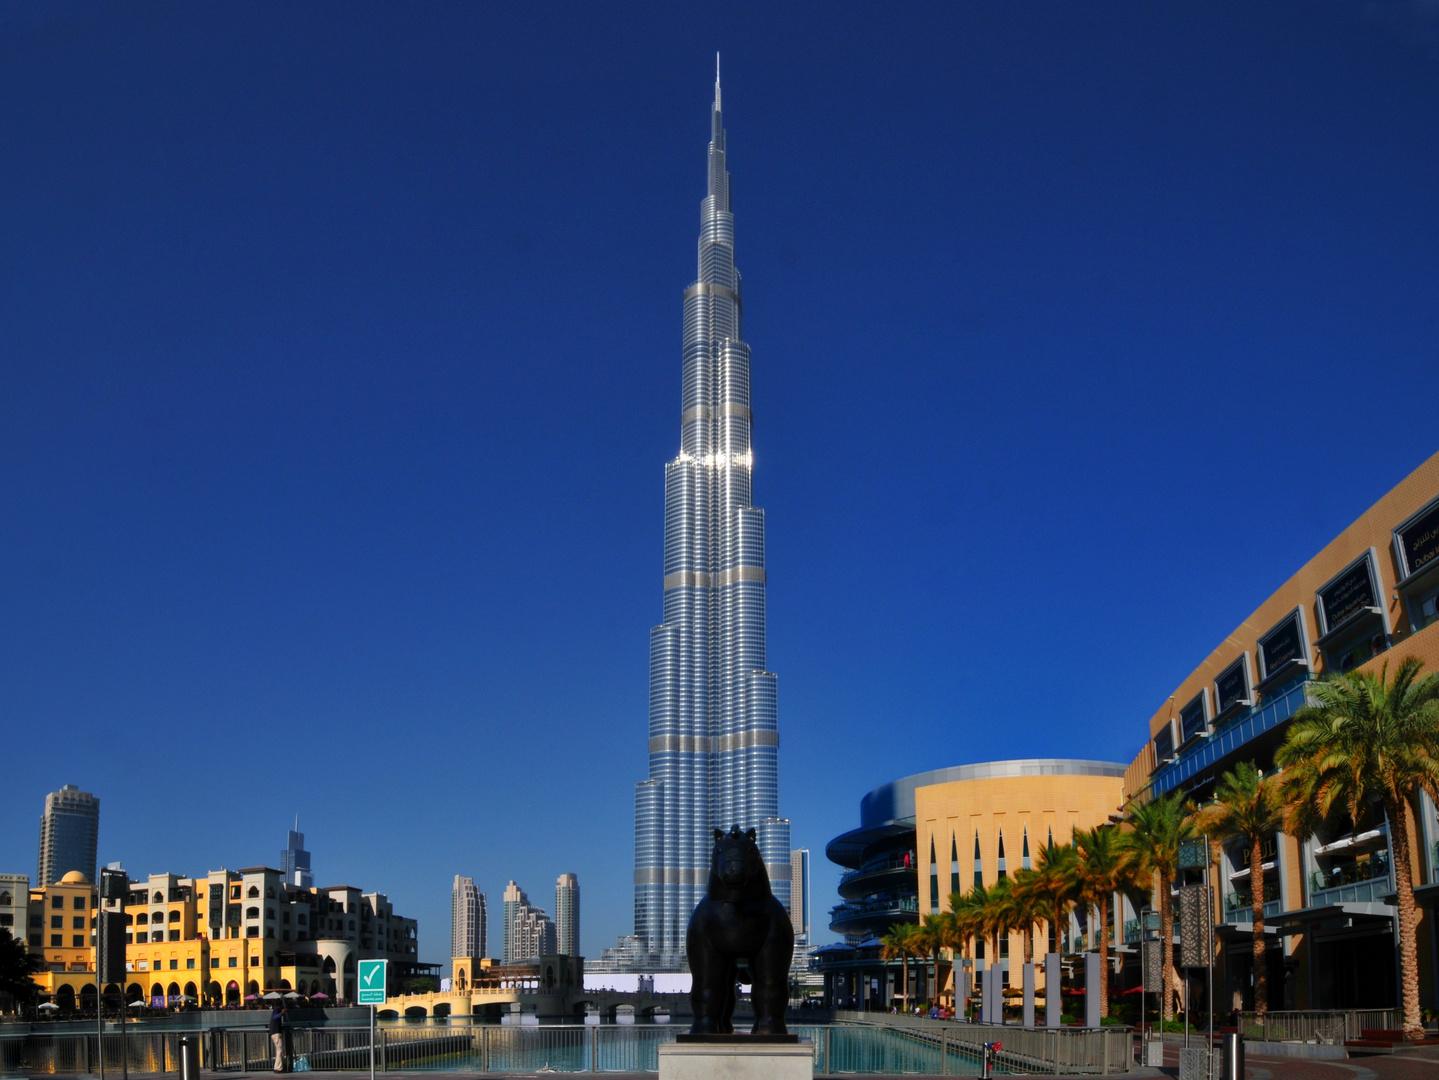 Burj Khalifa höchstes Gebäude der Welt